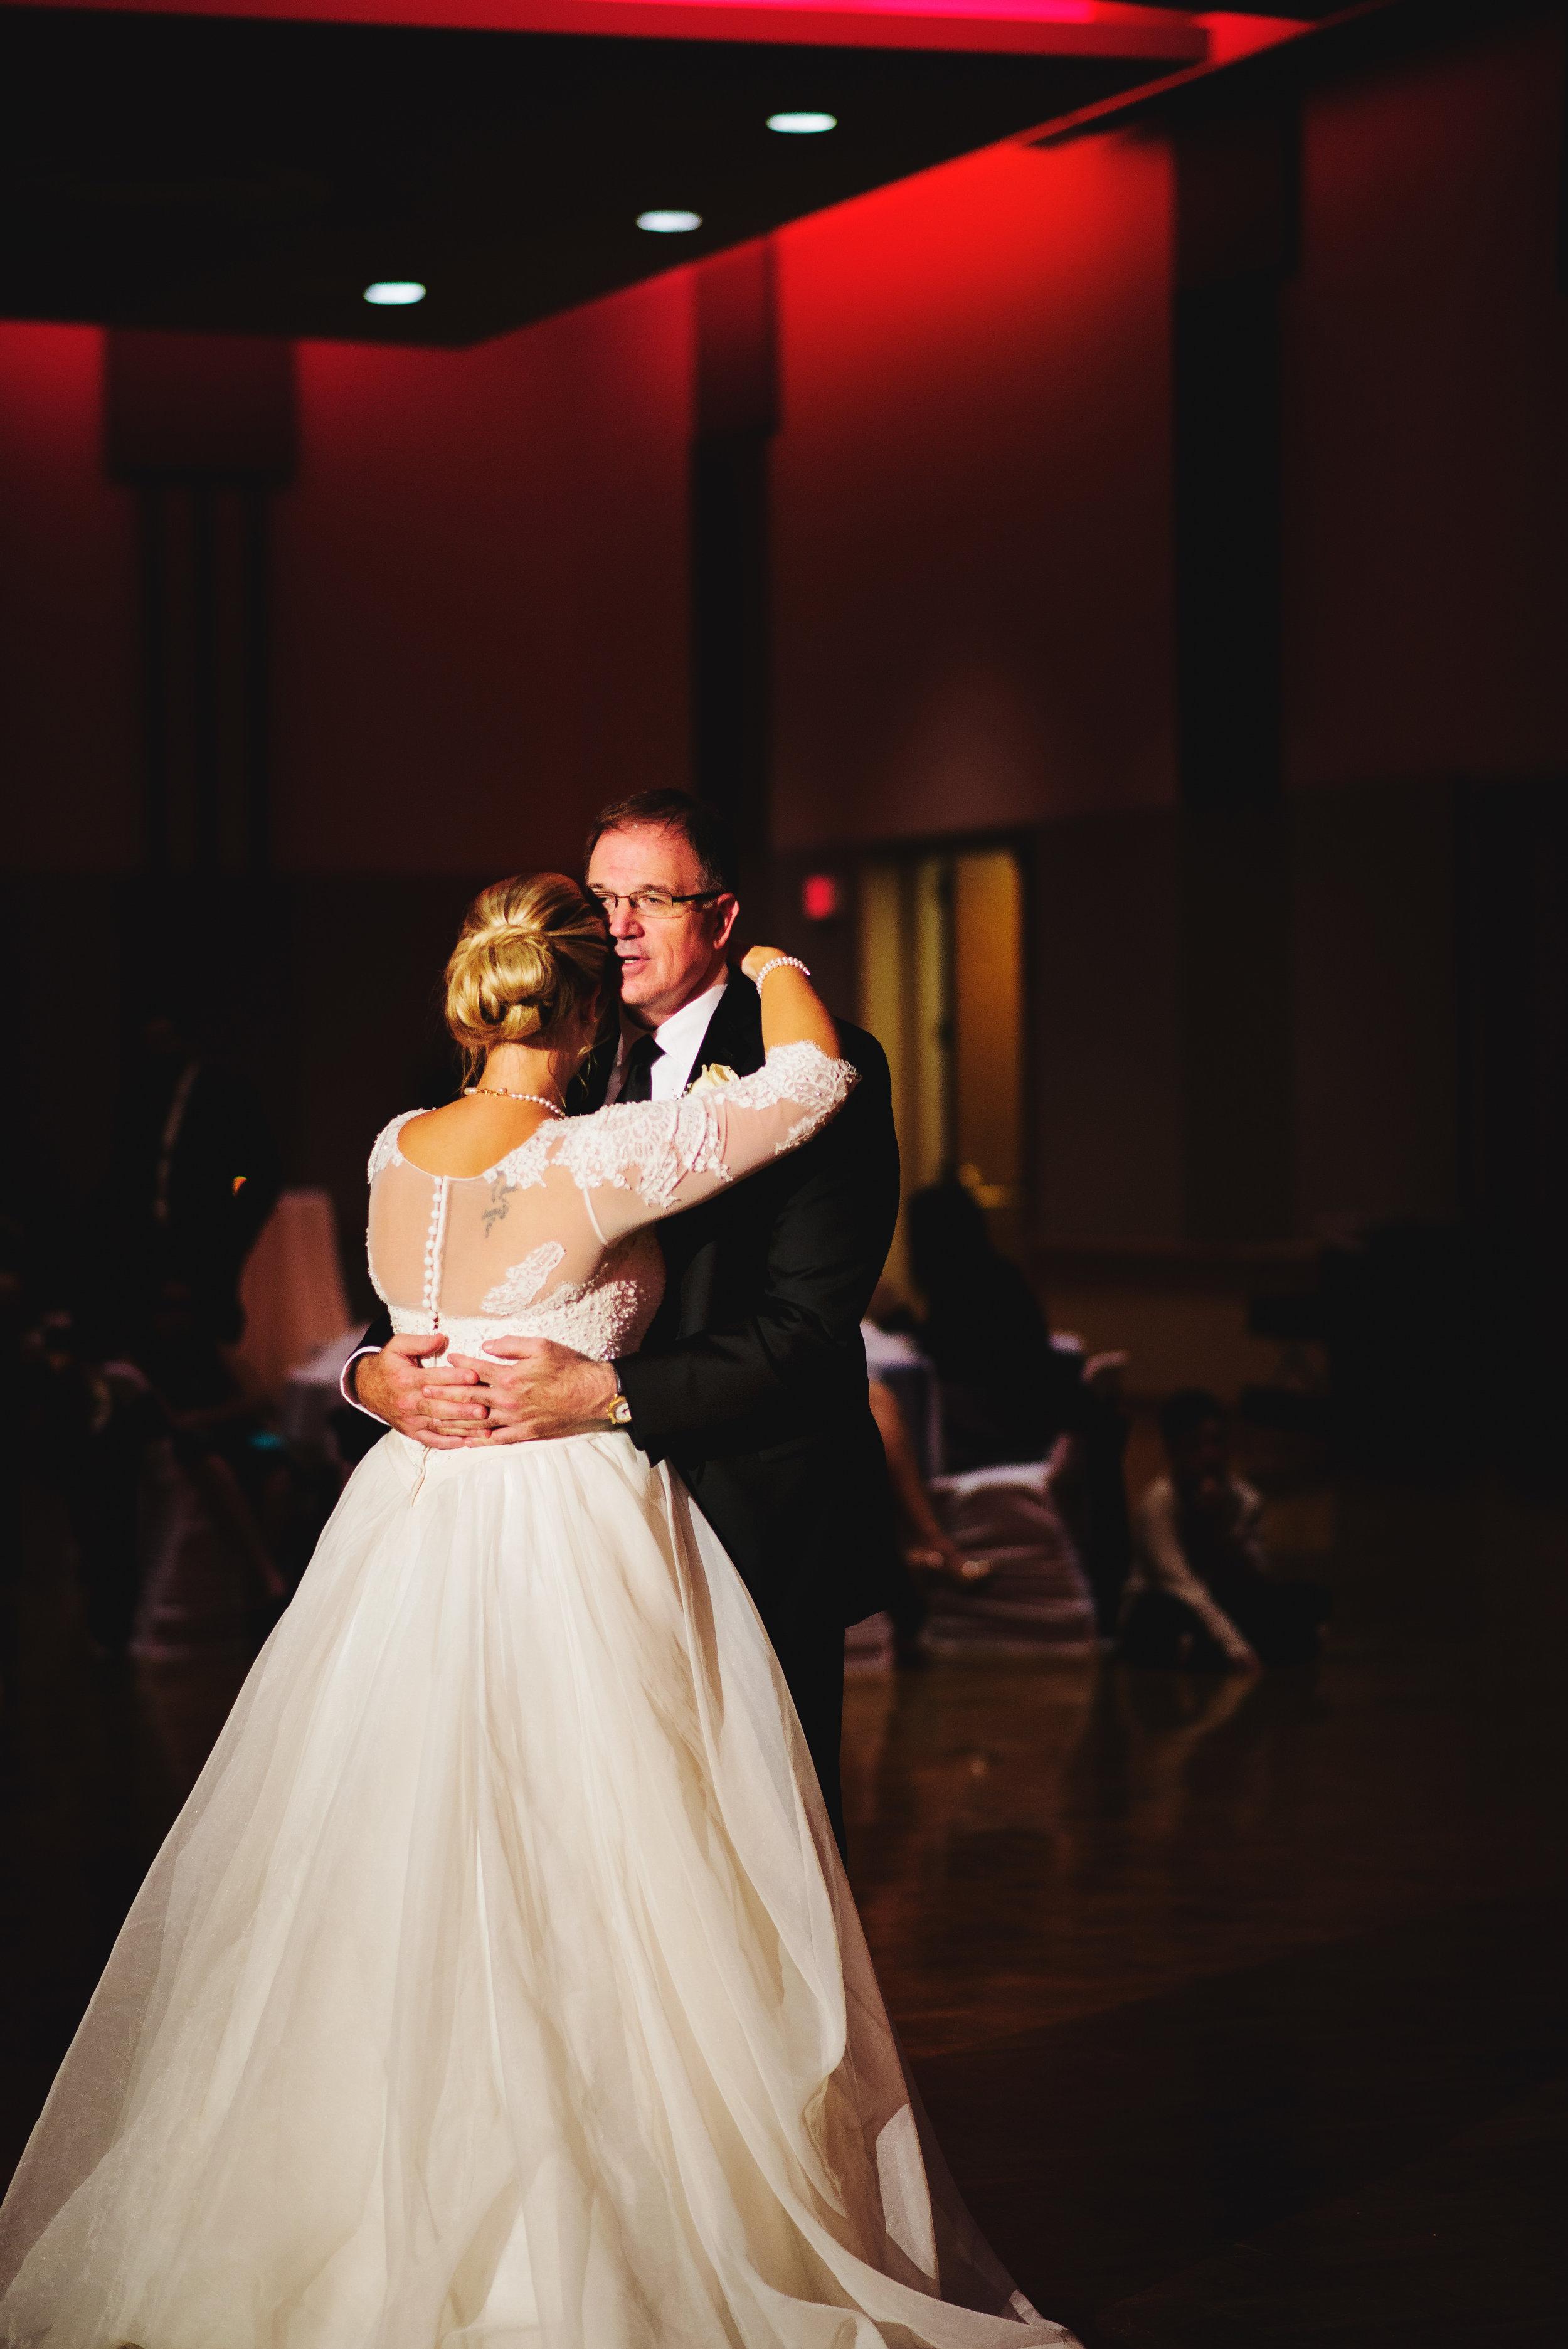 King-Northern-Illinois-University-Wedding135.jpg